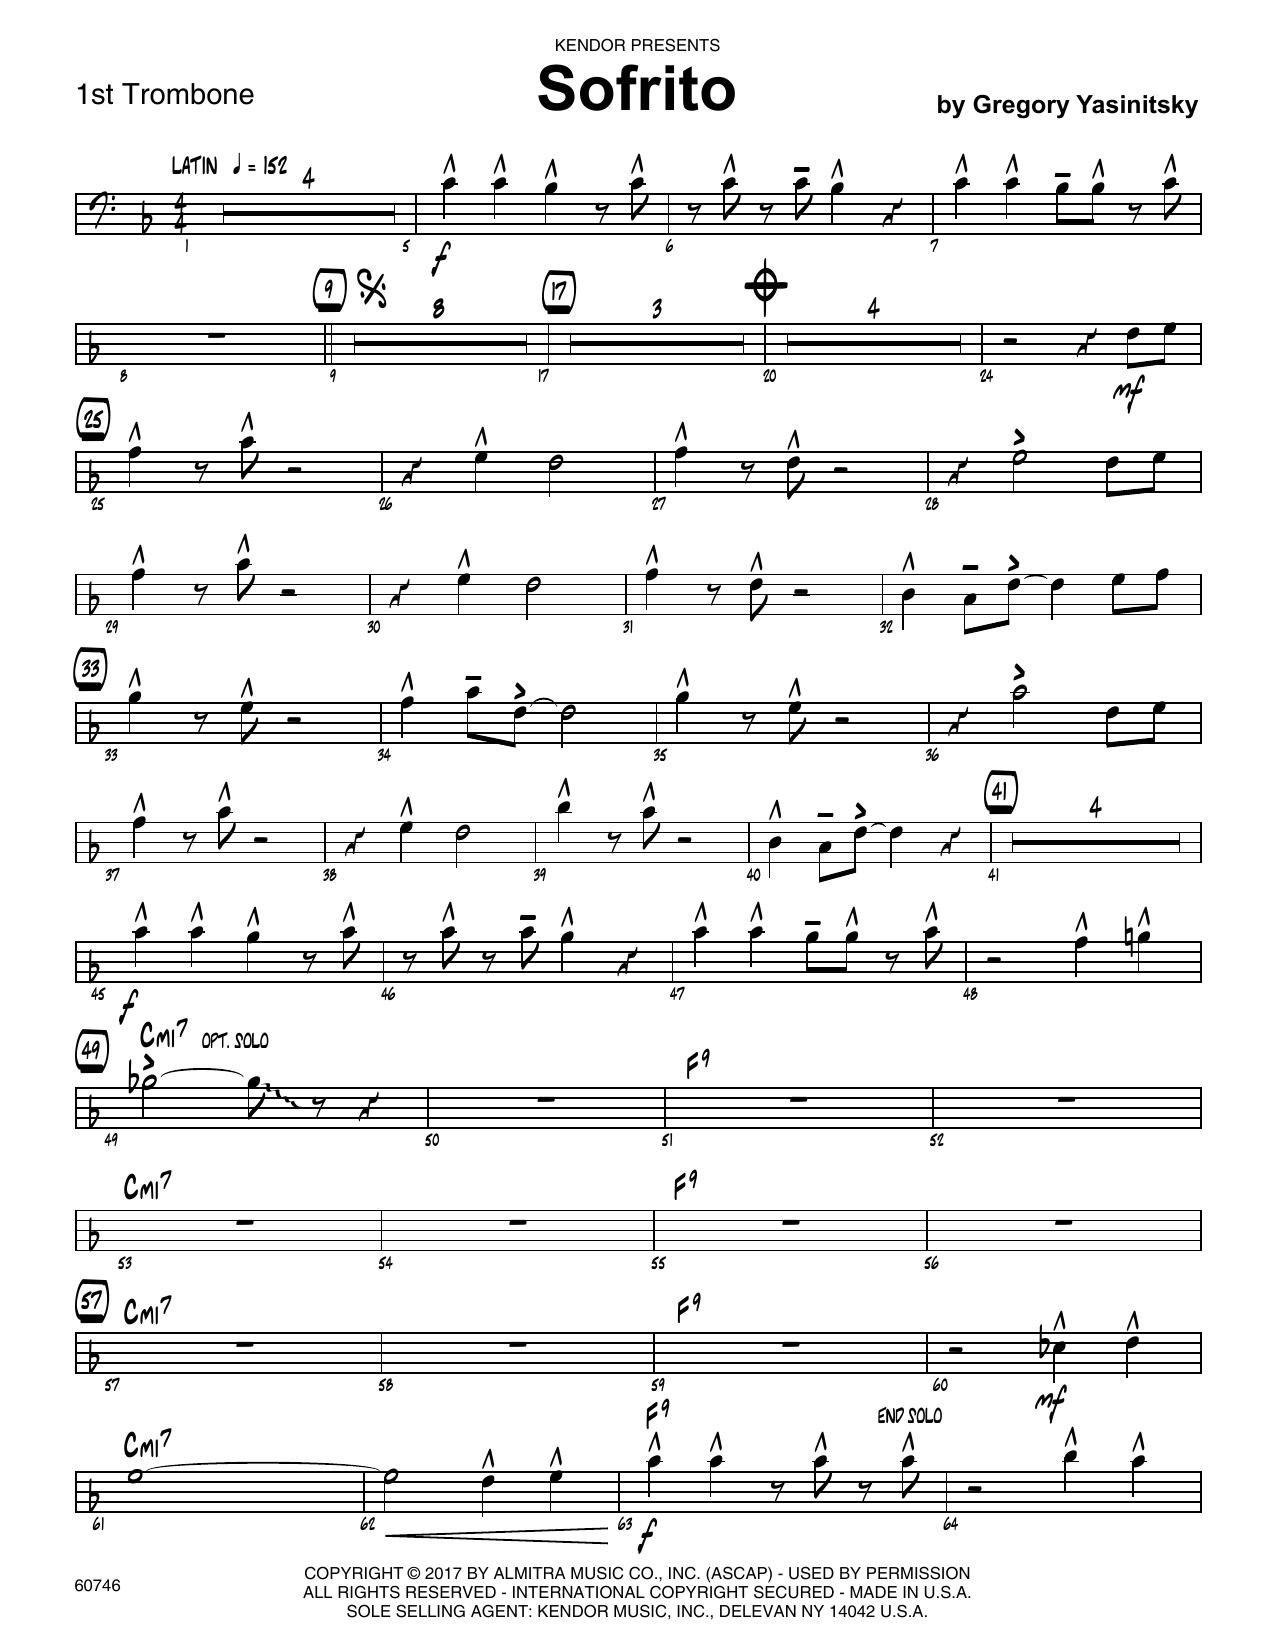 Sofrito - 1st Trombone Sheet Music